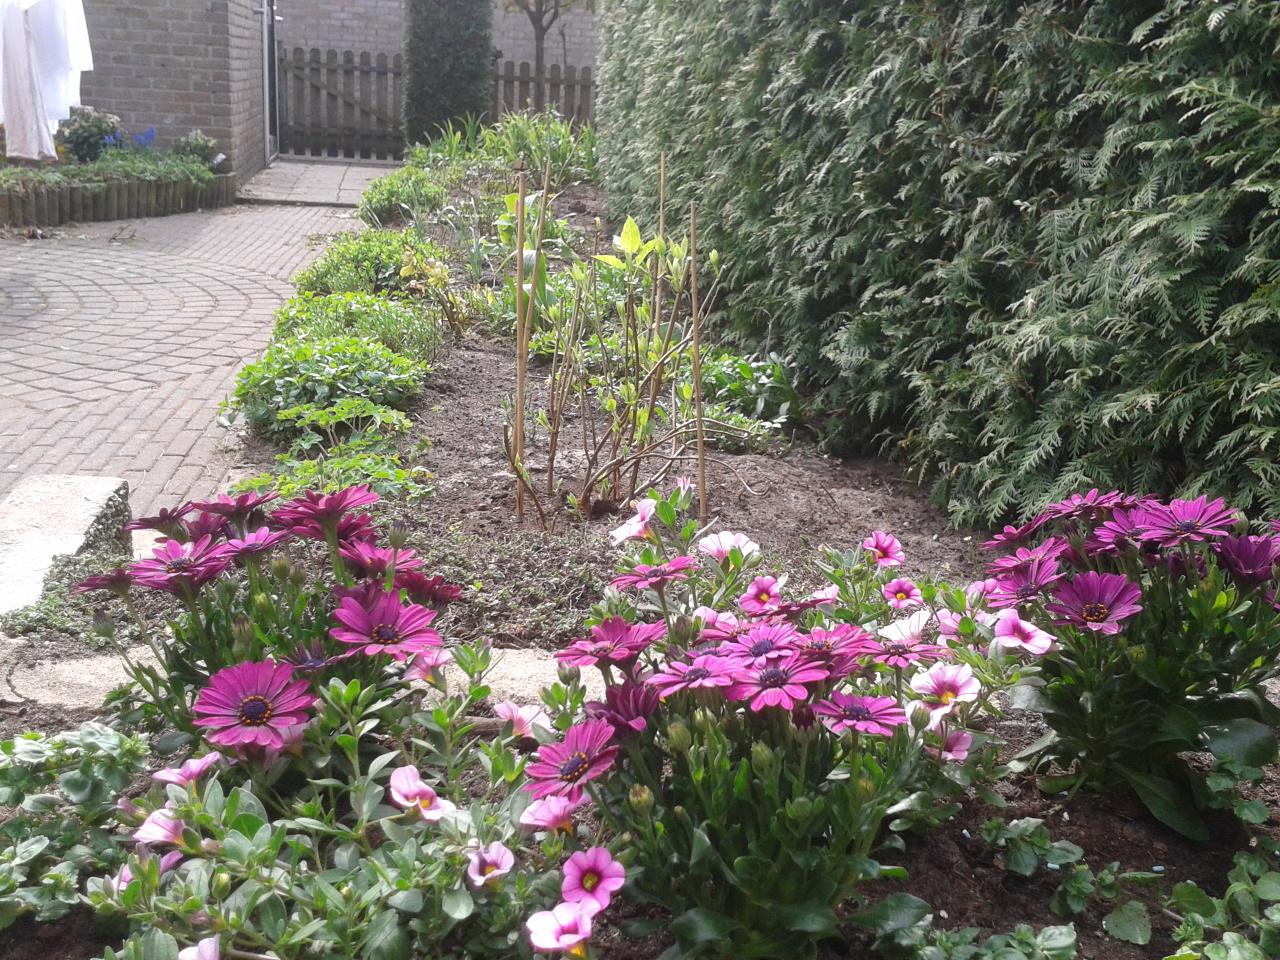 Huis tuin en mama lente in de tuin april for Huis in de tuin